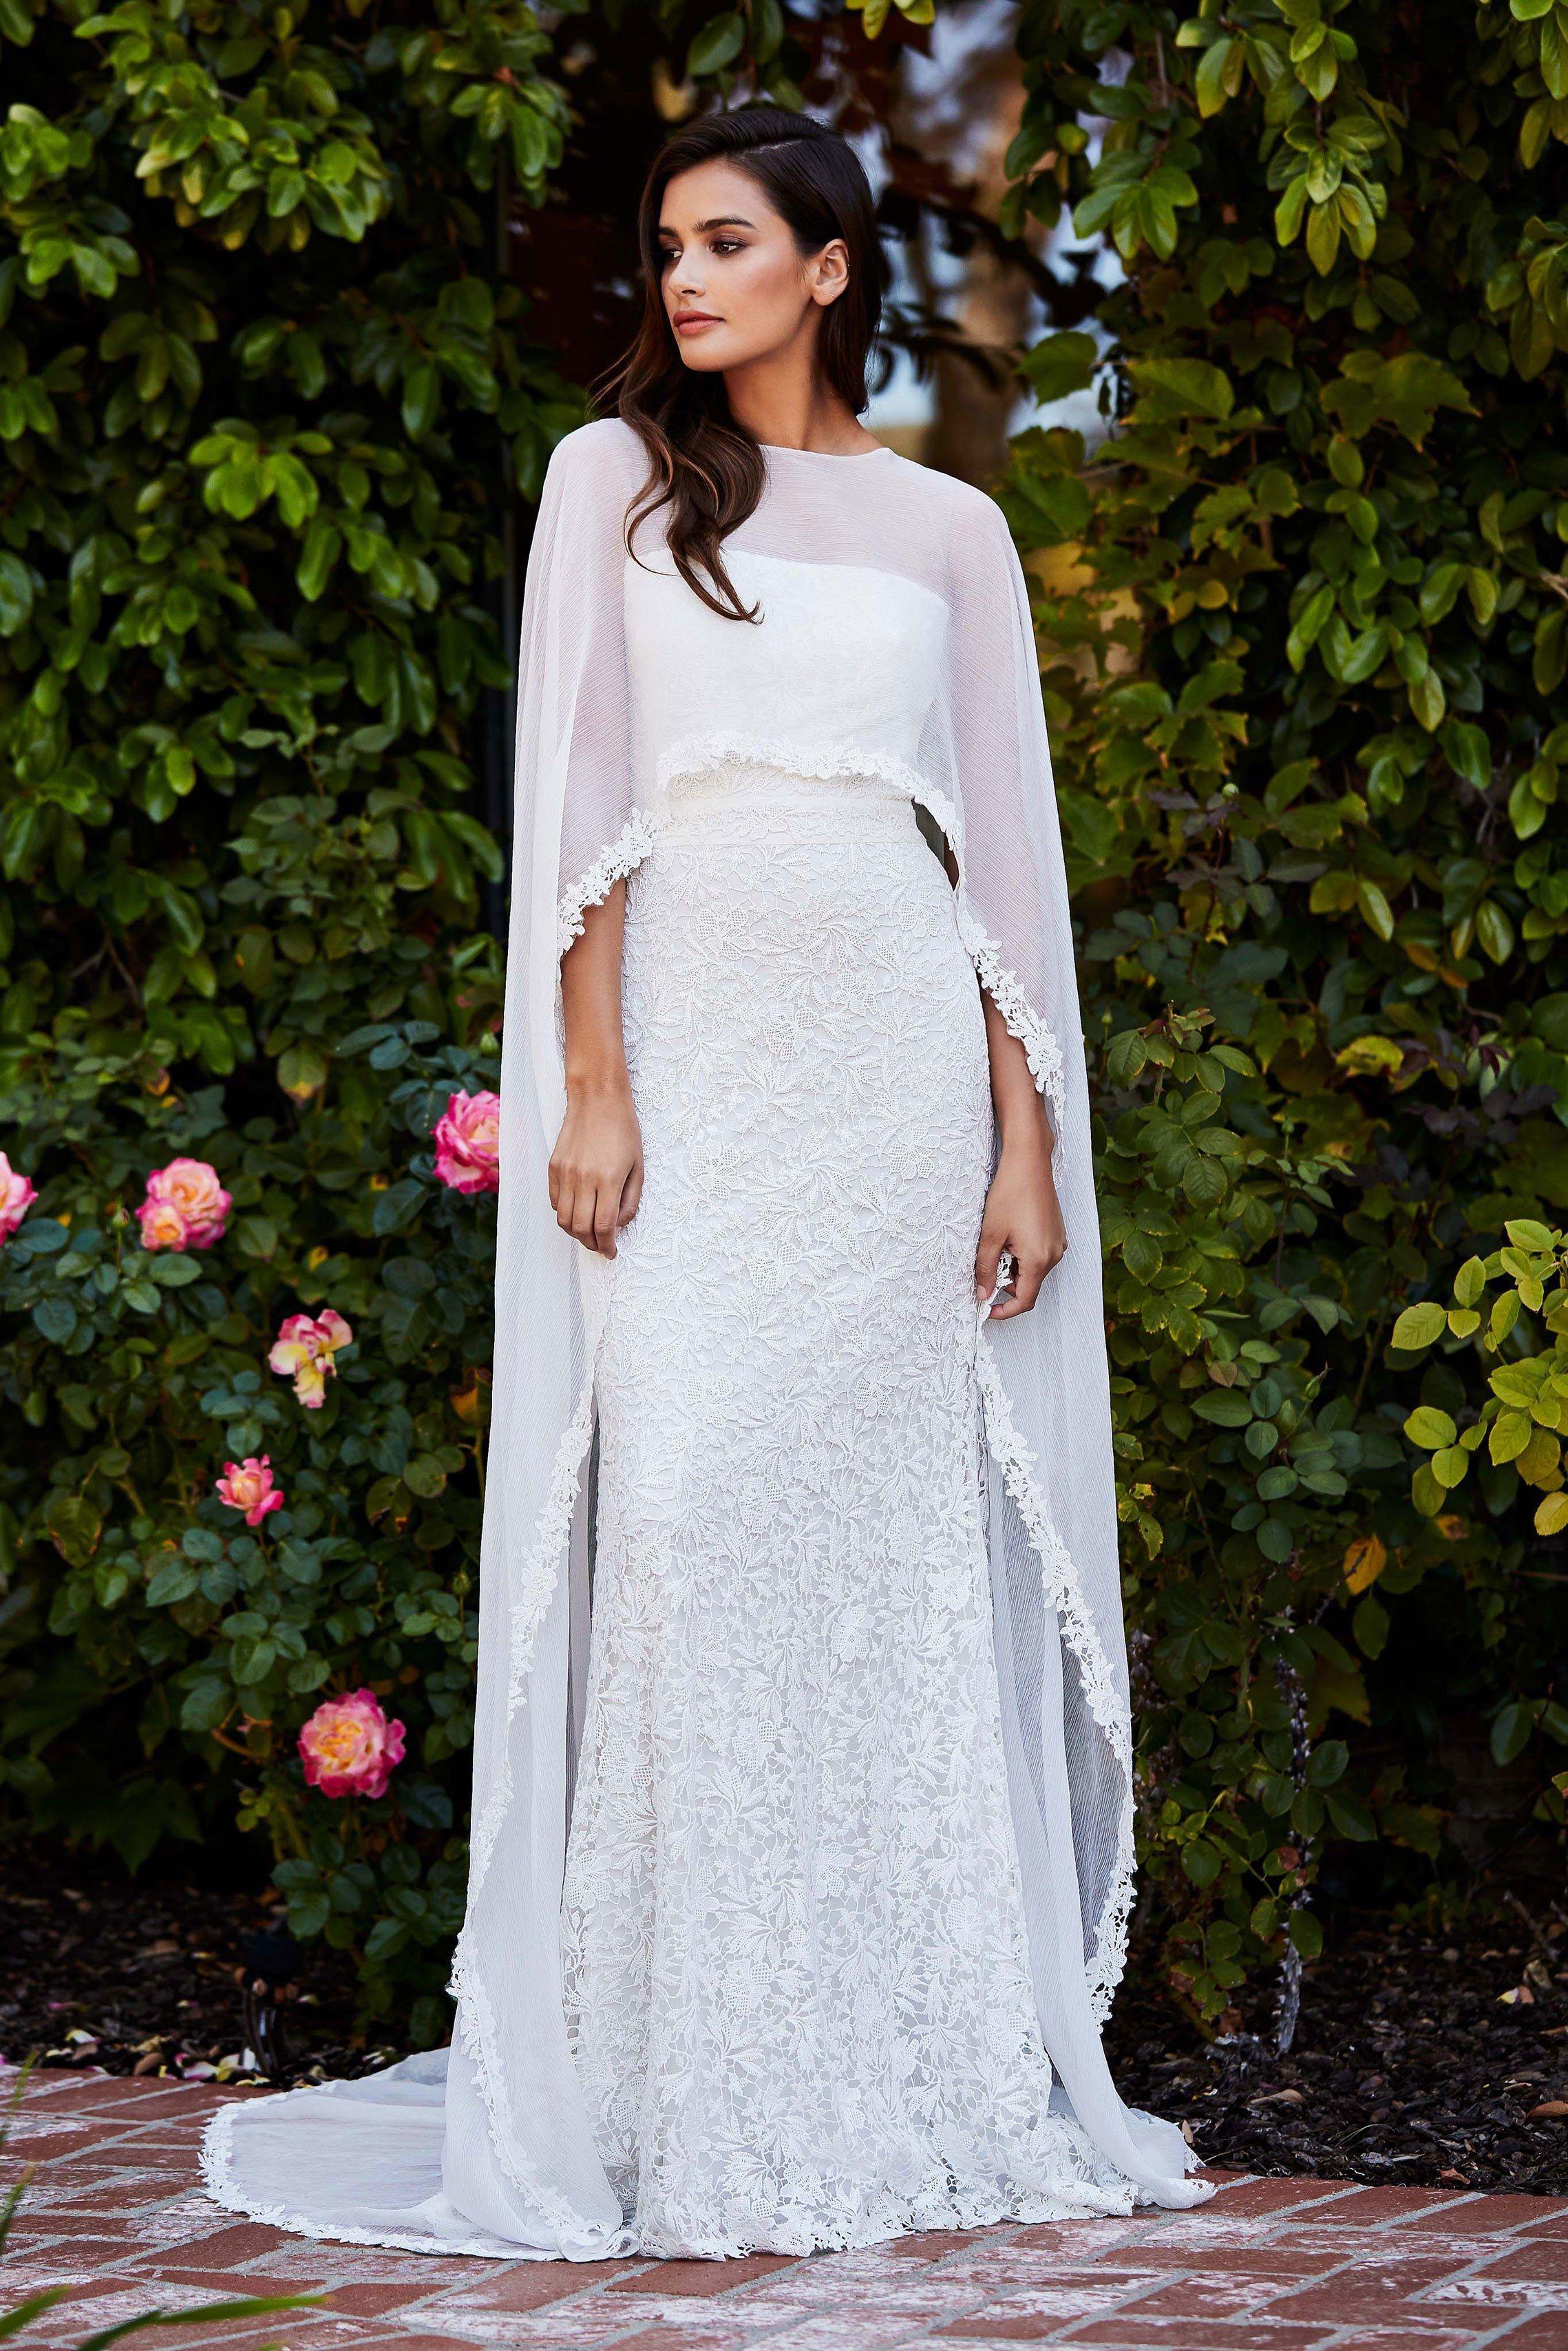 Tadashi Shoji Bridal Fall 2018 Fashion Show